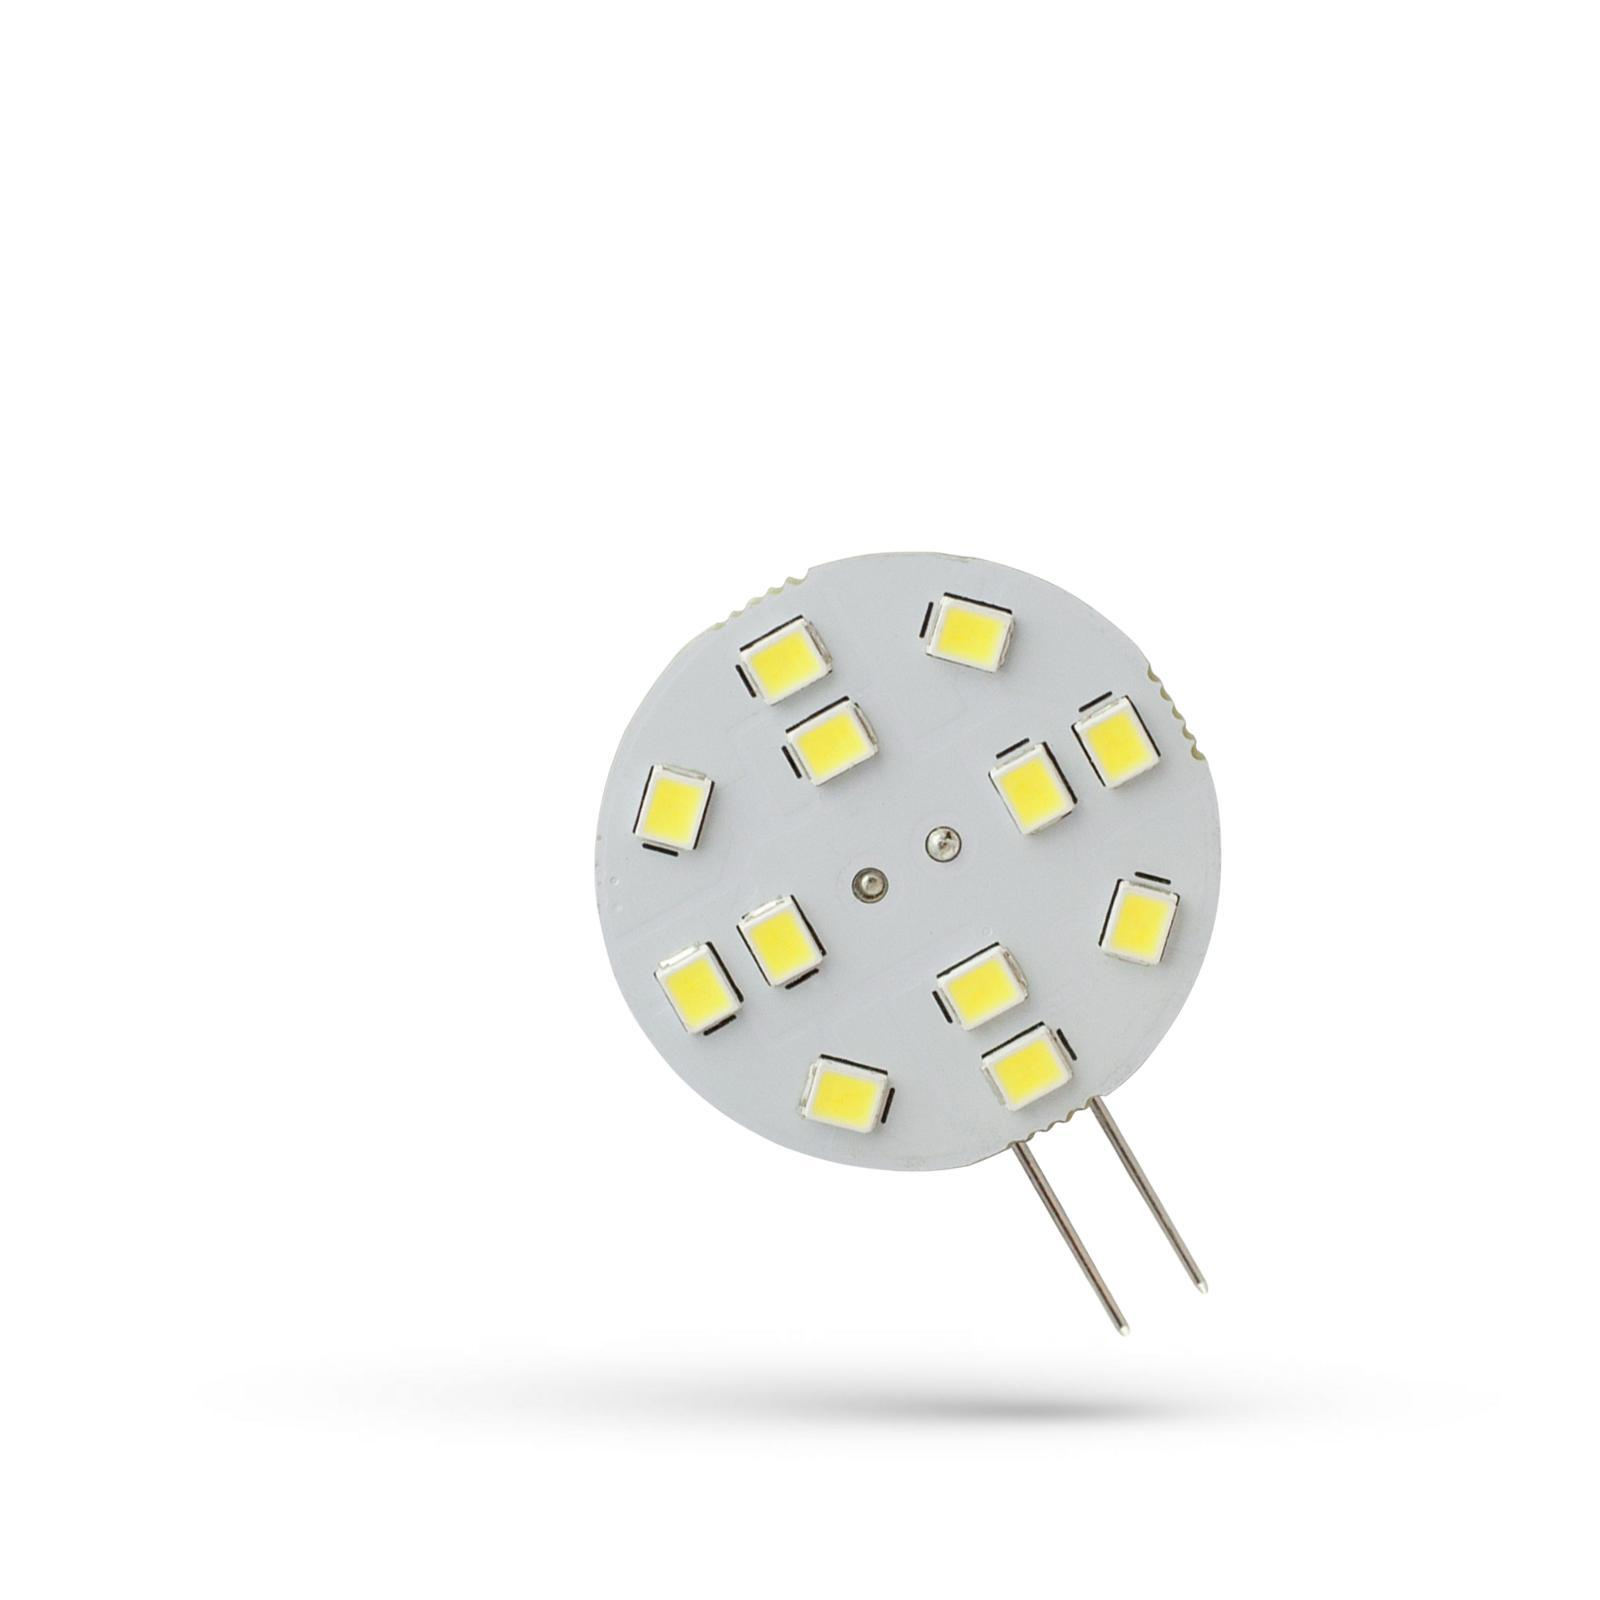 LED G4 12V 2W 12 LED Studená bílá bíllá 30MM SPECTRUM